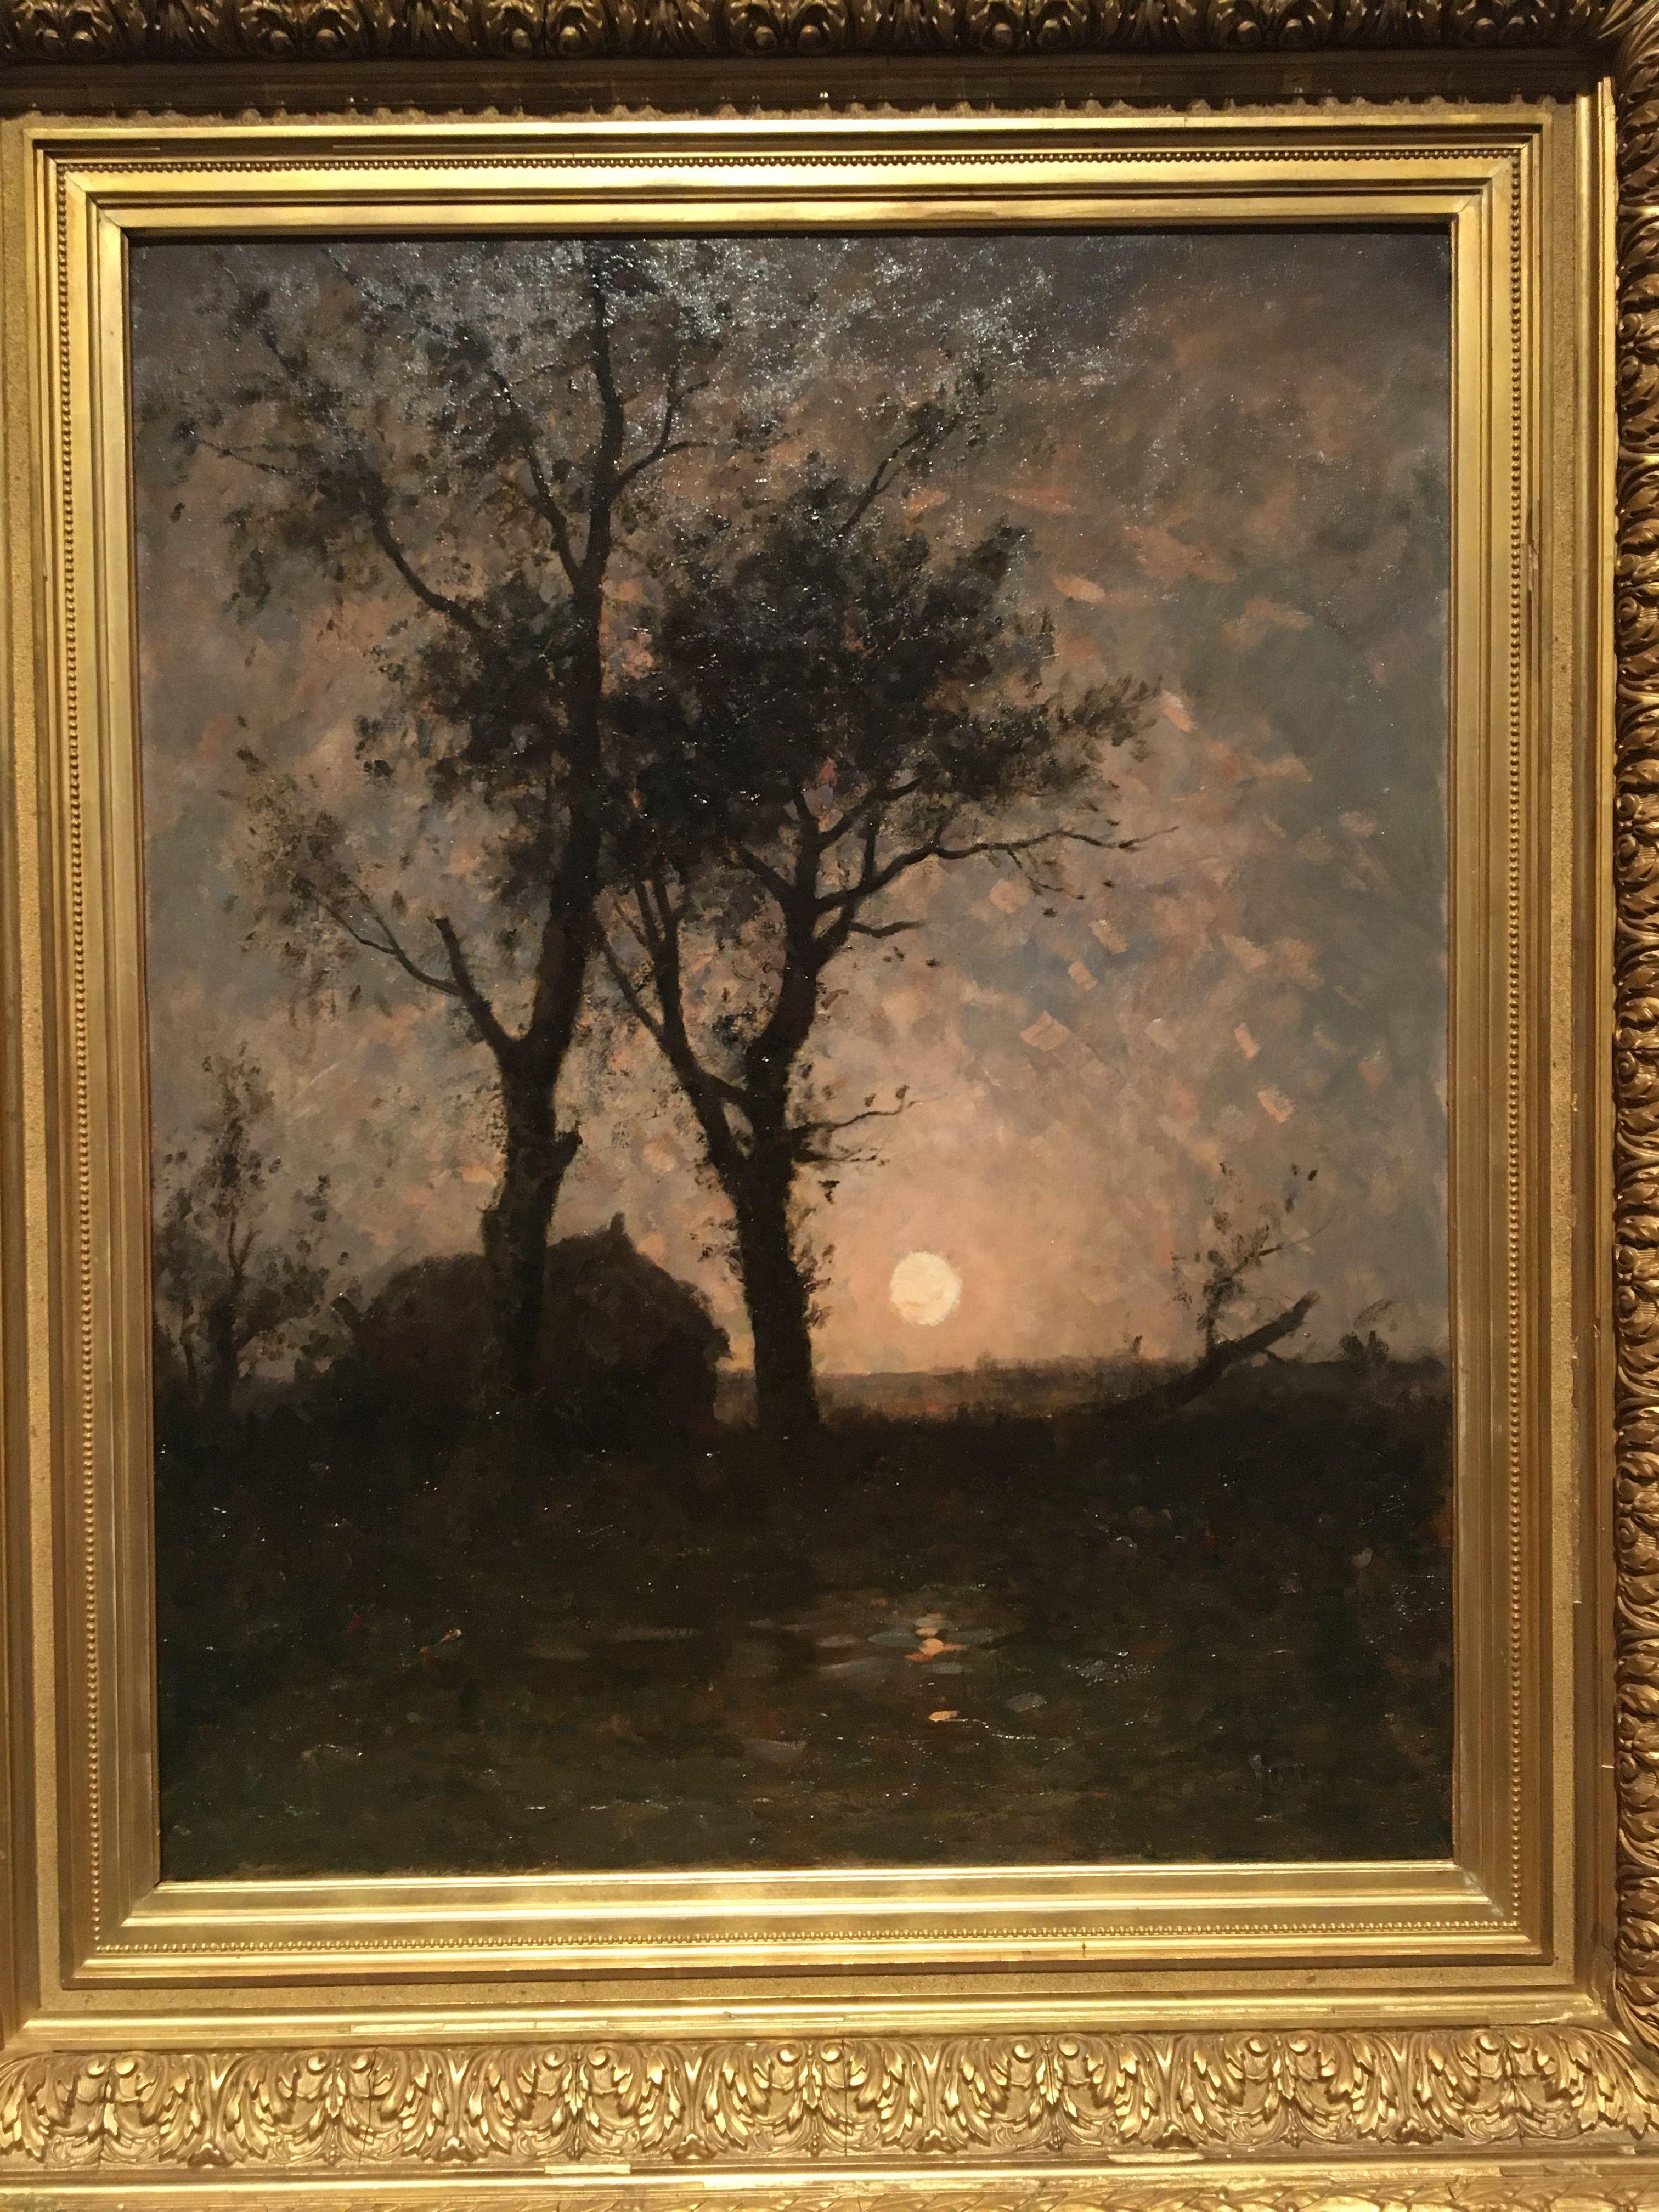 Alphonse Stengelin Opgaande Man 1879 Tentoonstelling Barbizon Van Het Noorden Drents Museum Assen In 2020 Tentoonstelling Museum